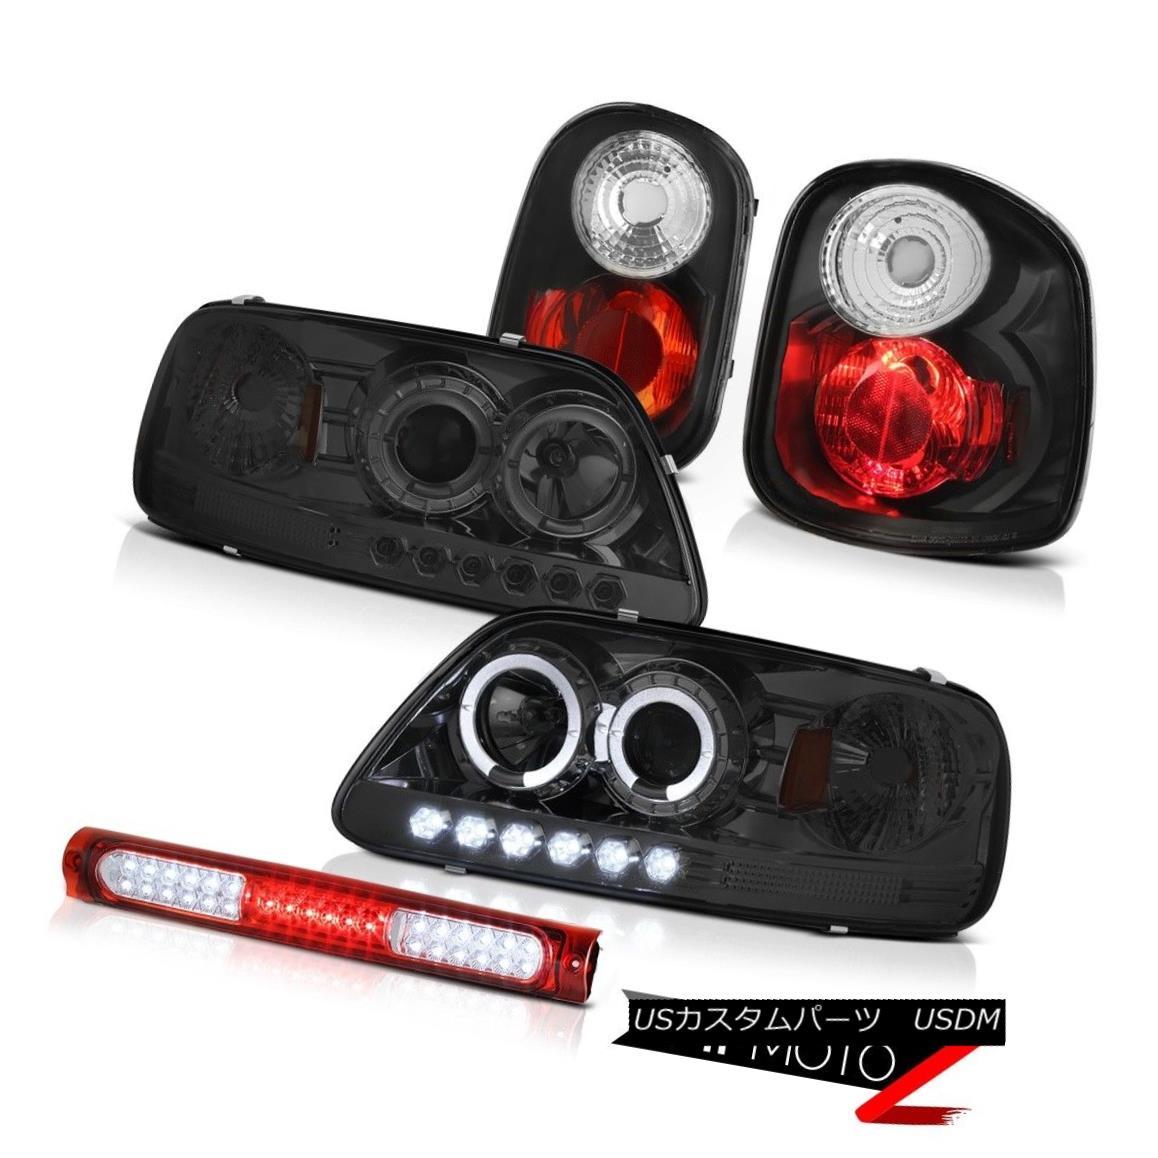 テールライト Projector Headlights Tail Light High Stop LED 2001-2003 F150 Flareside Lightning プロジェクターヘッドライトテールライトハイストップLED 2001-2003 F150 Flareside Lightning